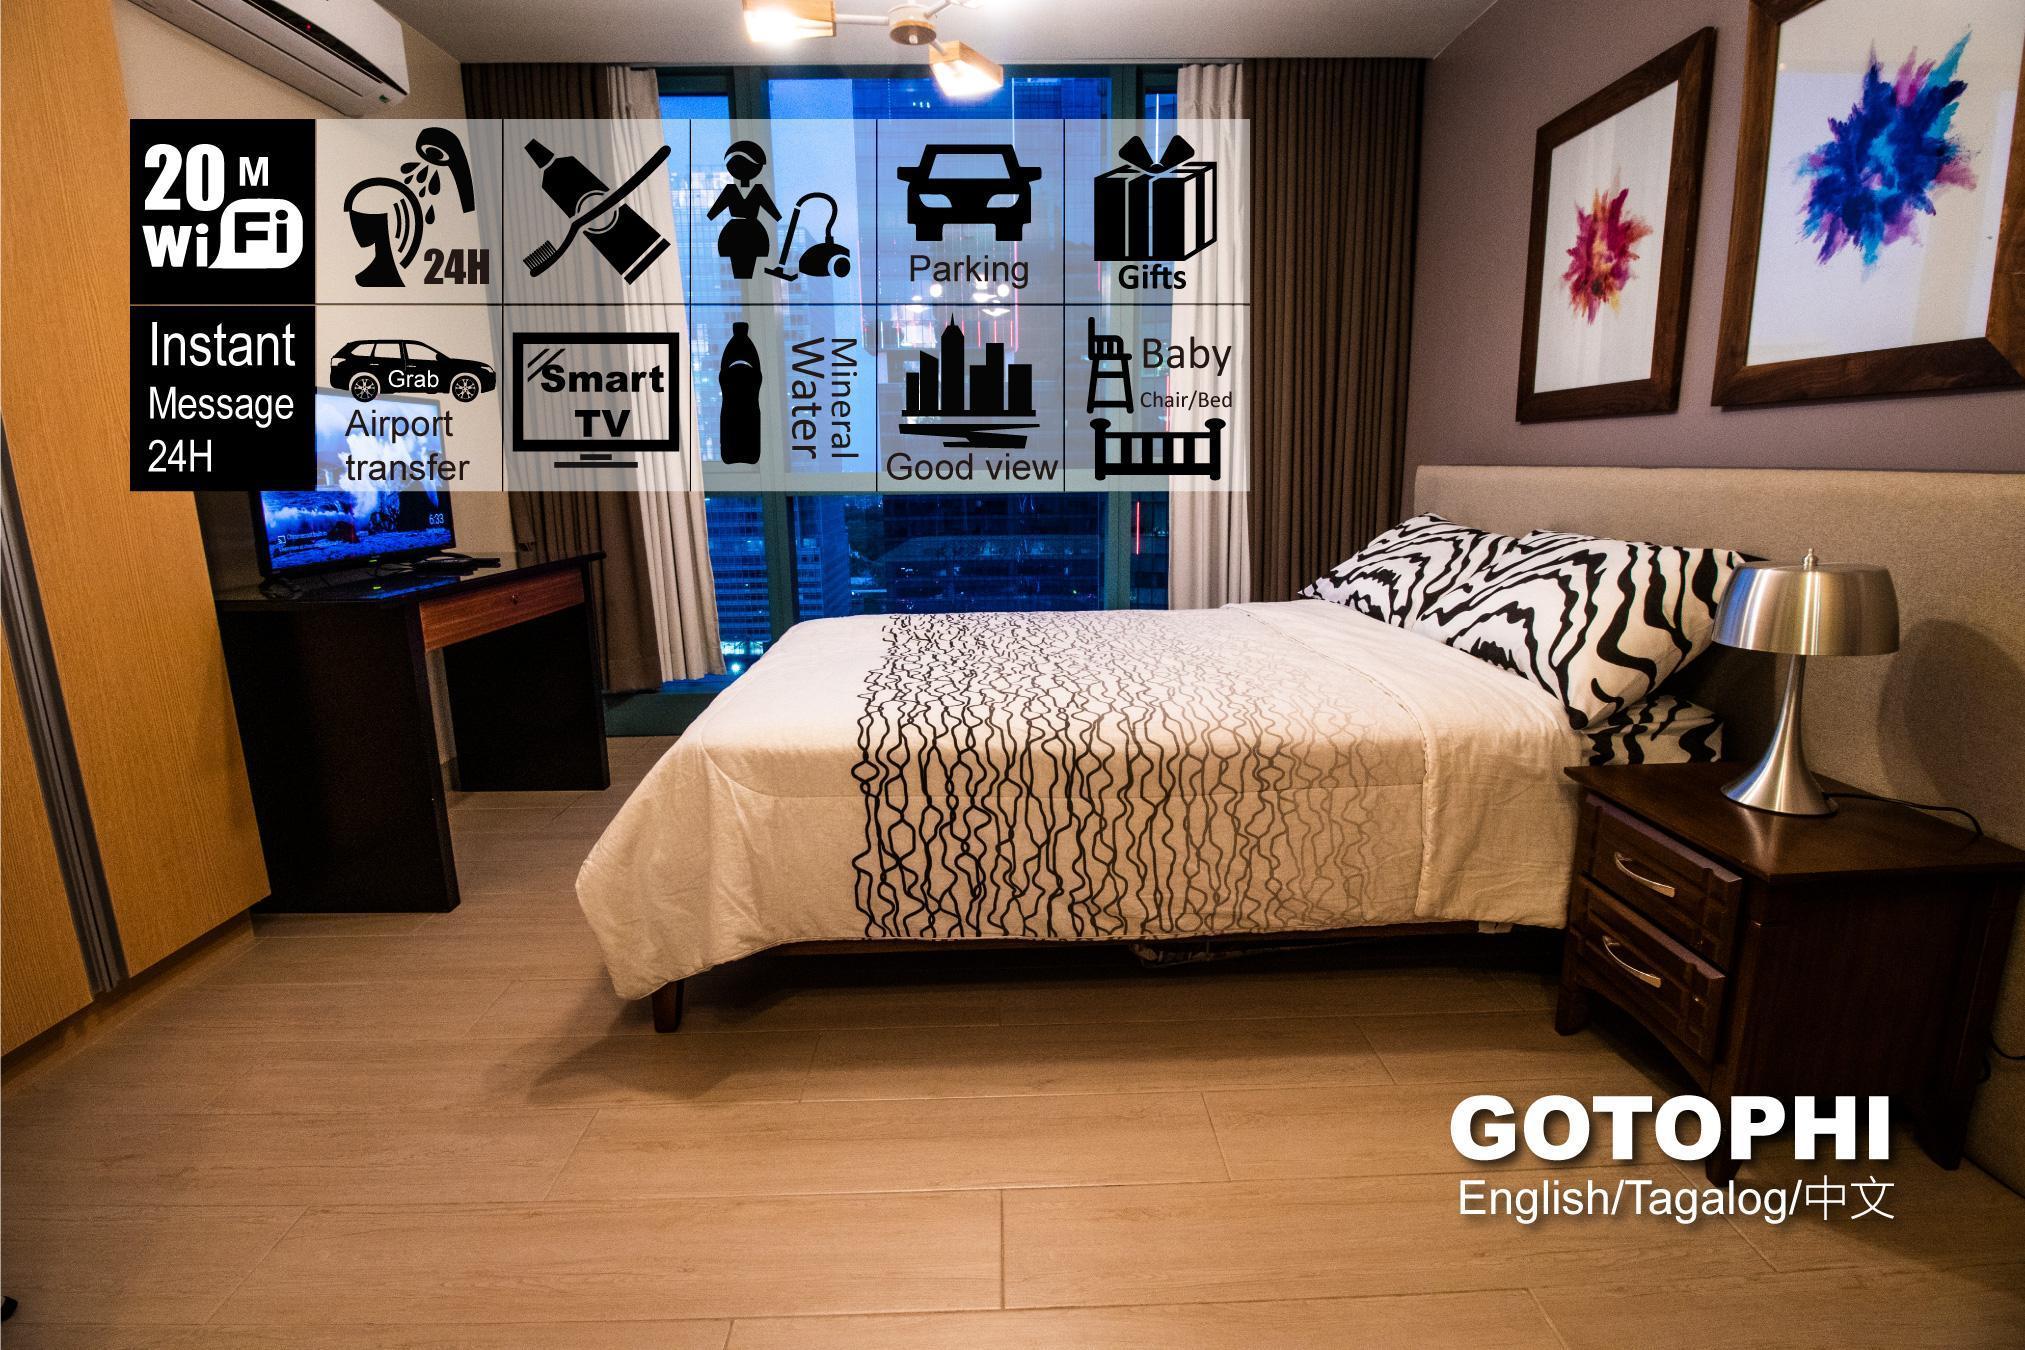 One Uptown Residence BGC Gotophi 5Star Hotel 18K